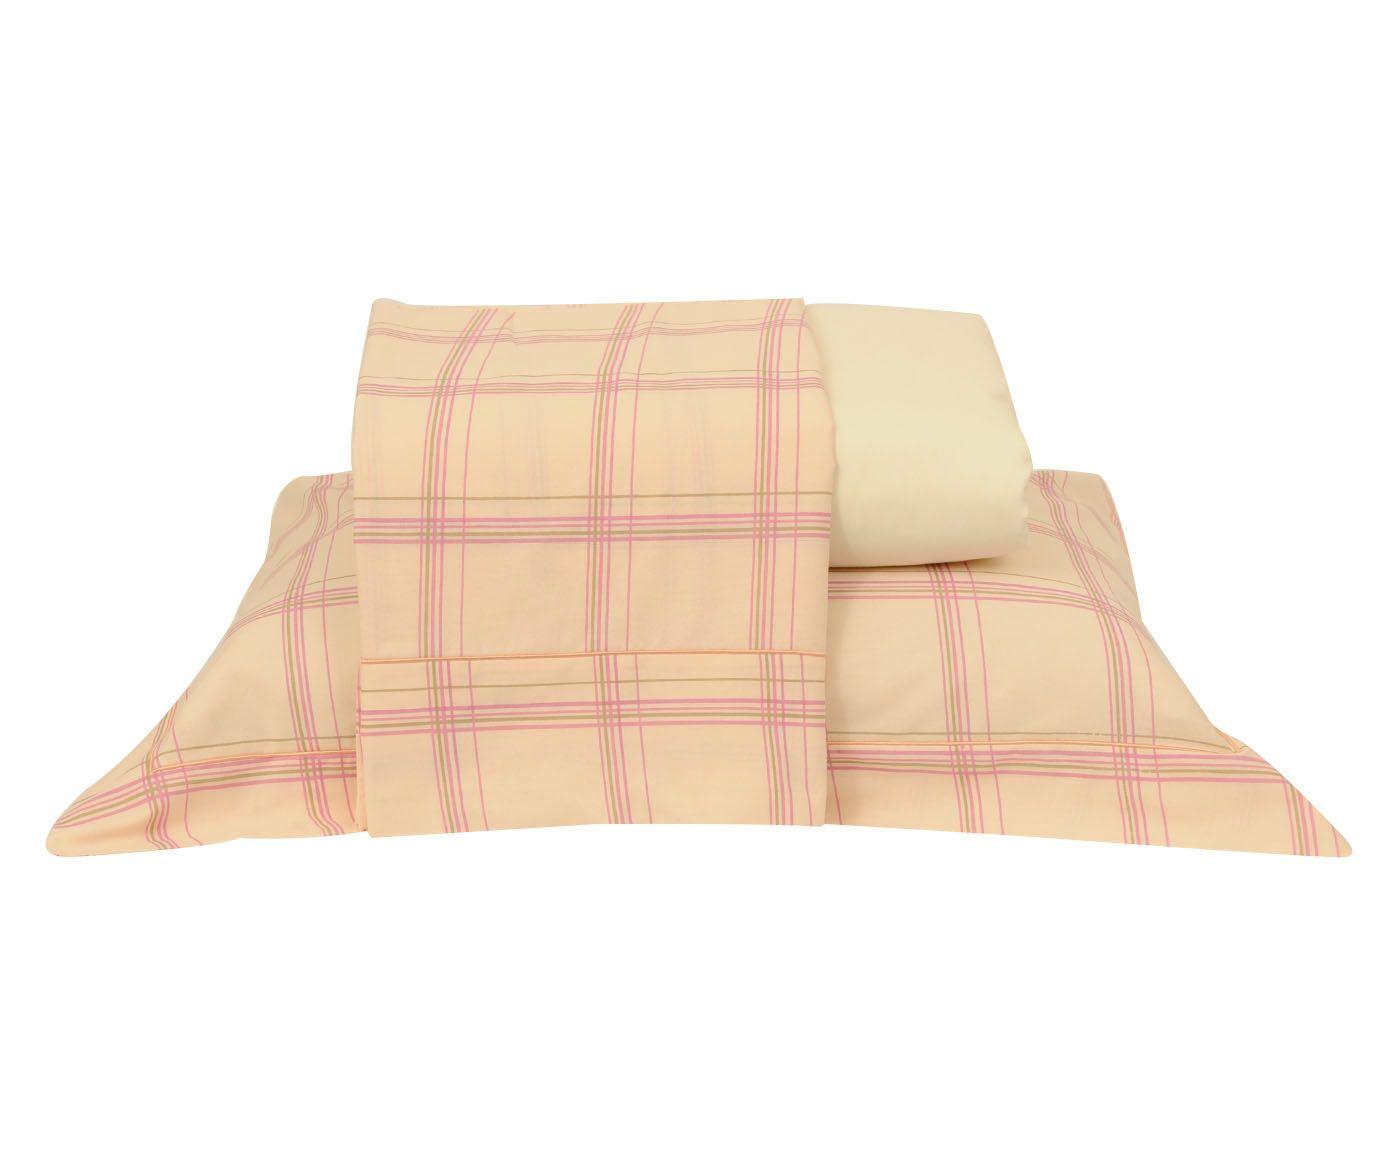 Jogo de lençol versatt delicate para cama king size - effect   Westwing.com.br